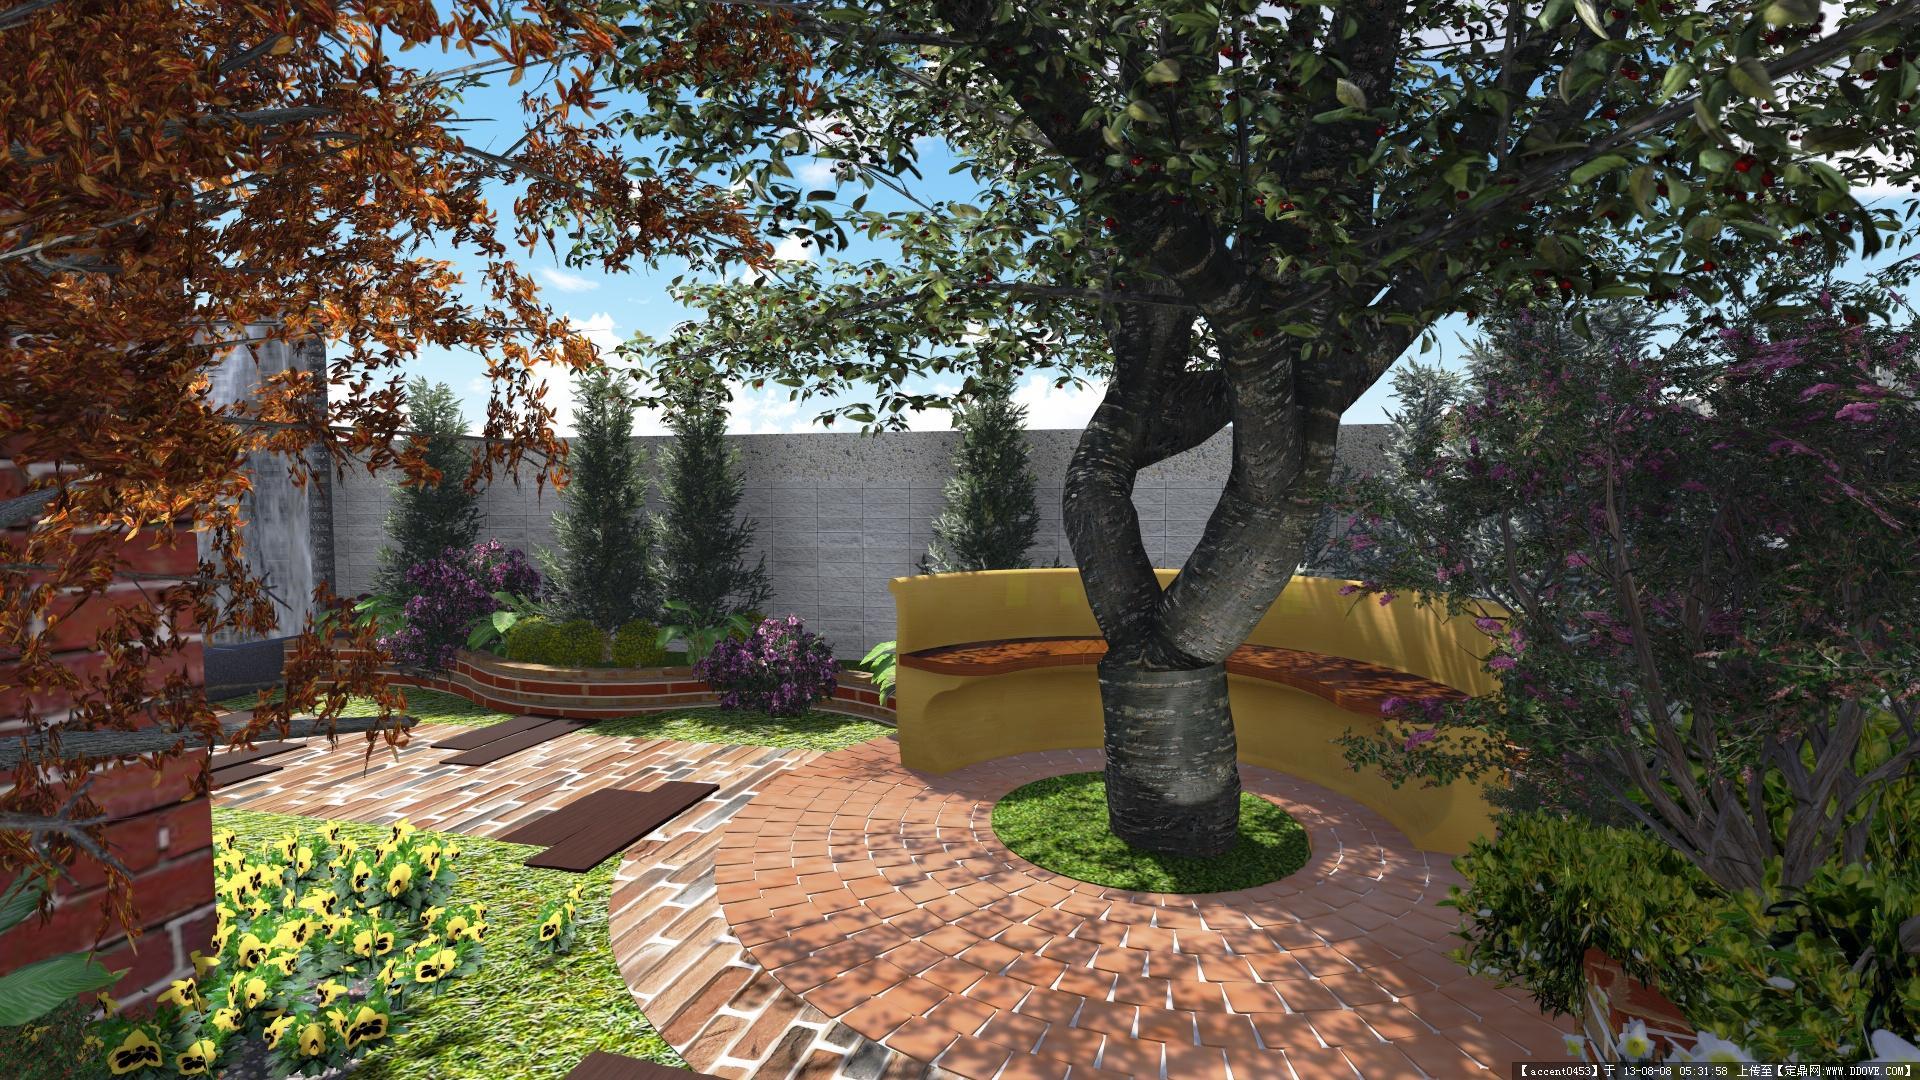 私人住宅庭园景观的图片浏览,园林效果图,花园庭院,_.